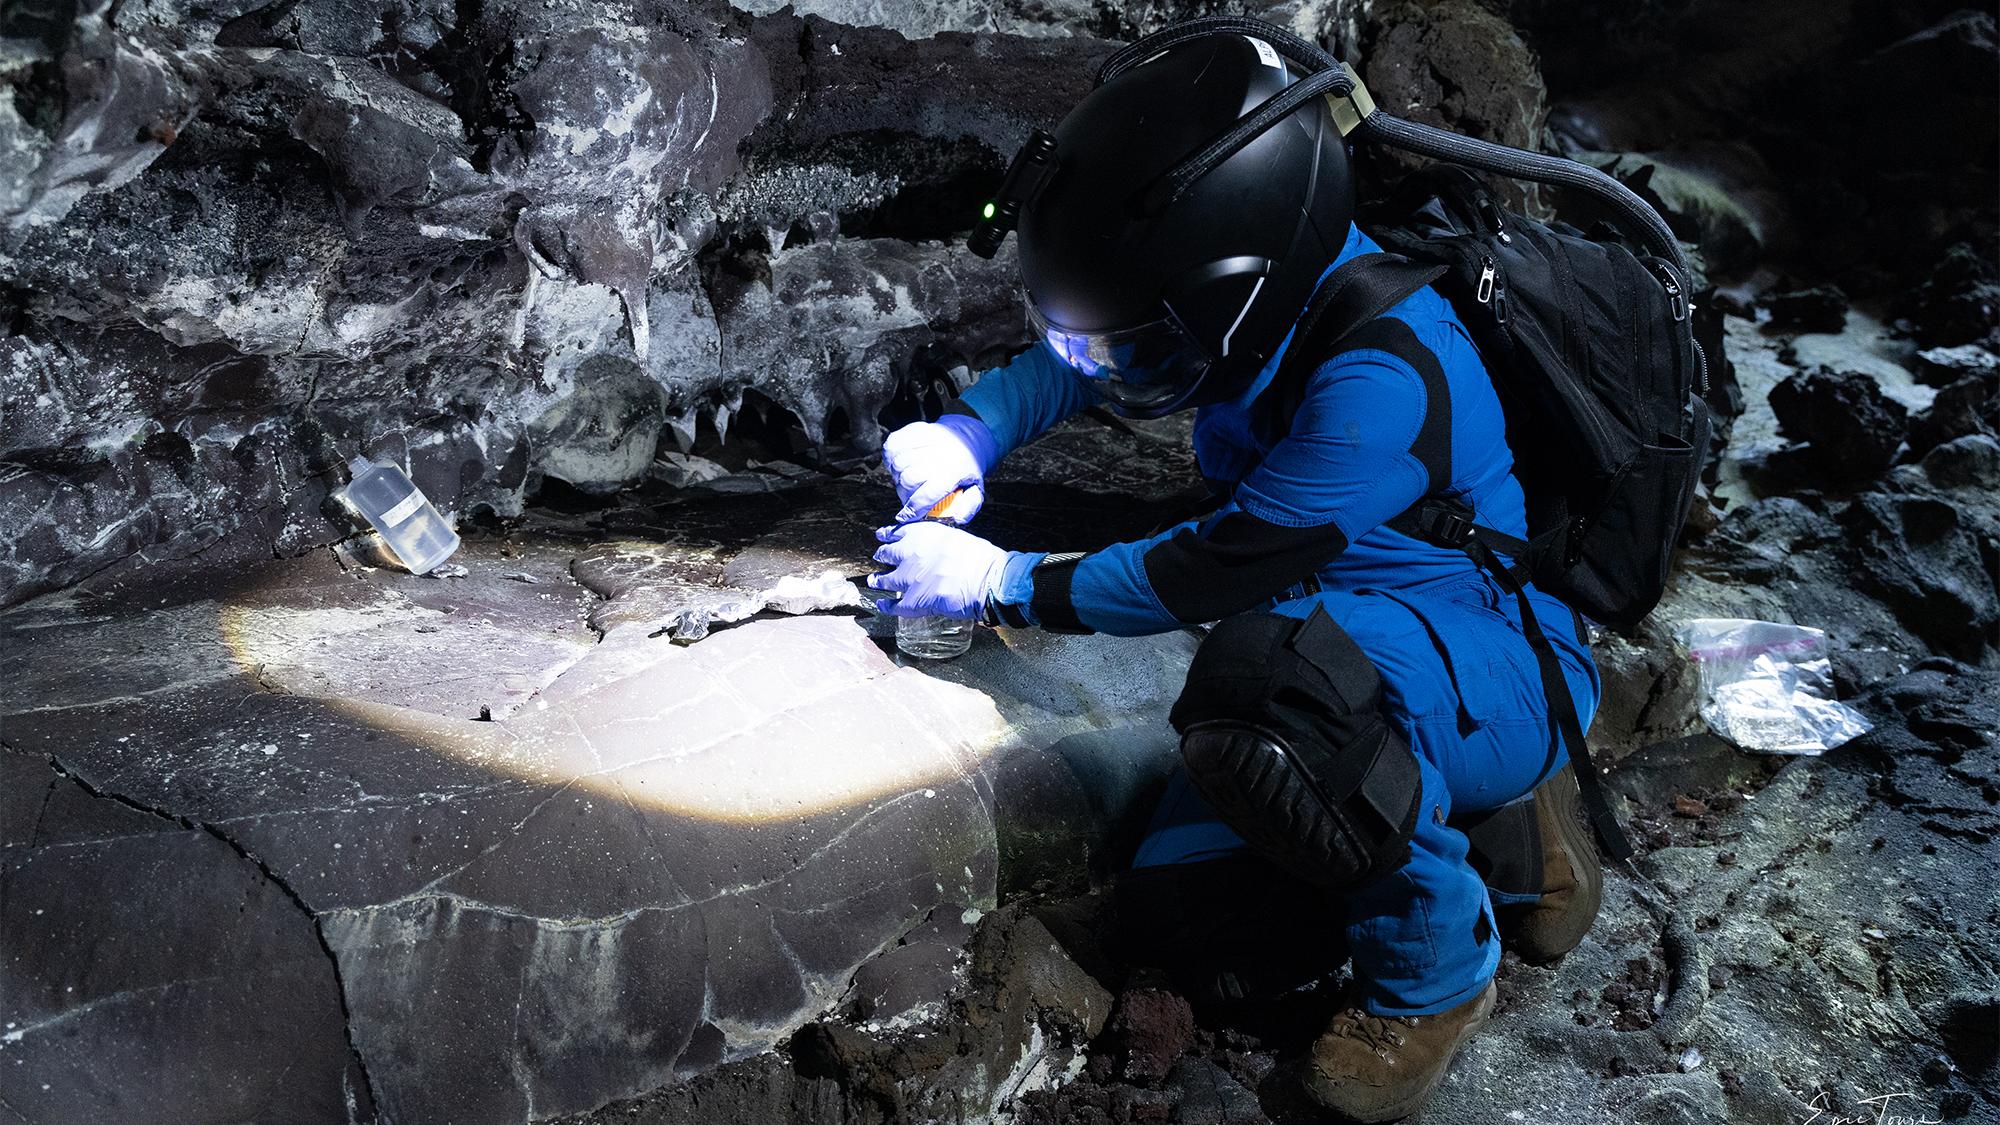 Le Dr Michaela Musilova collecte des échantillons pour la recherche en astrobiologie dans un tube de lave, dans le cadre d'une collaboration avec la NASA Goddard.